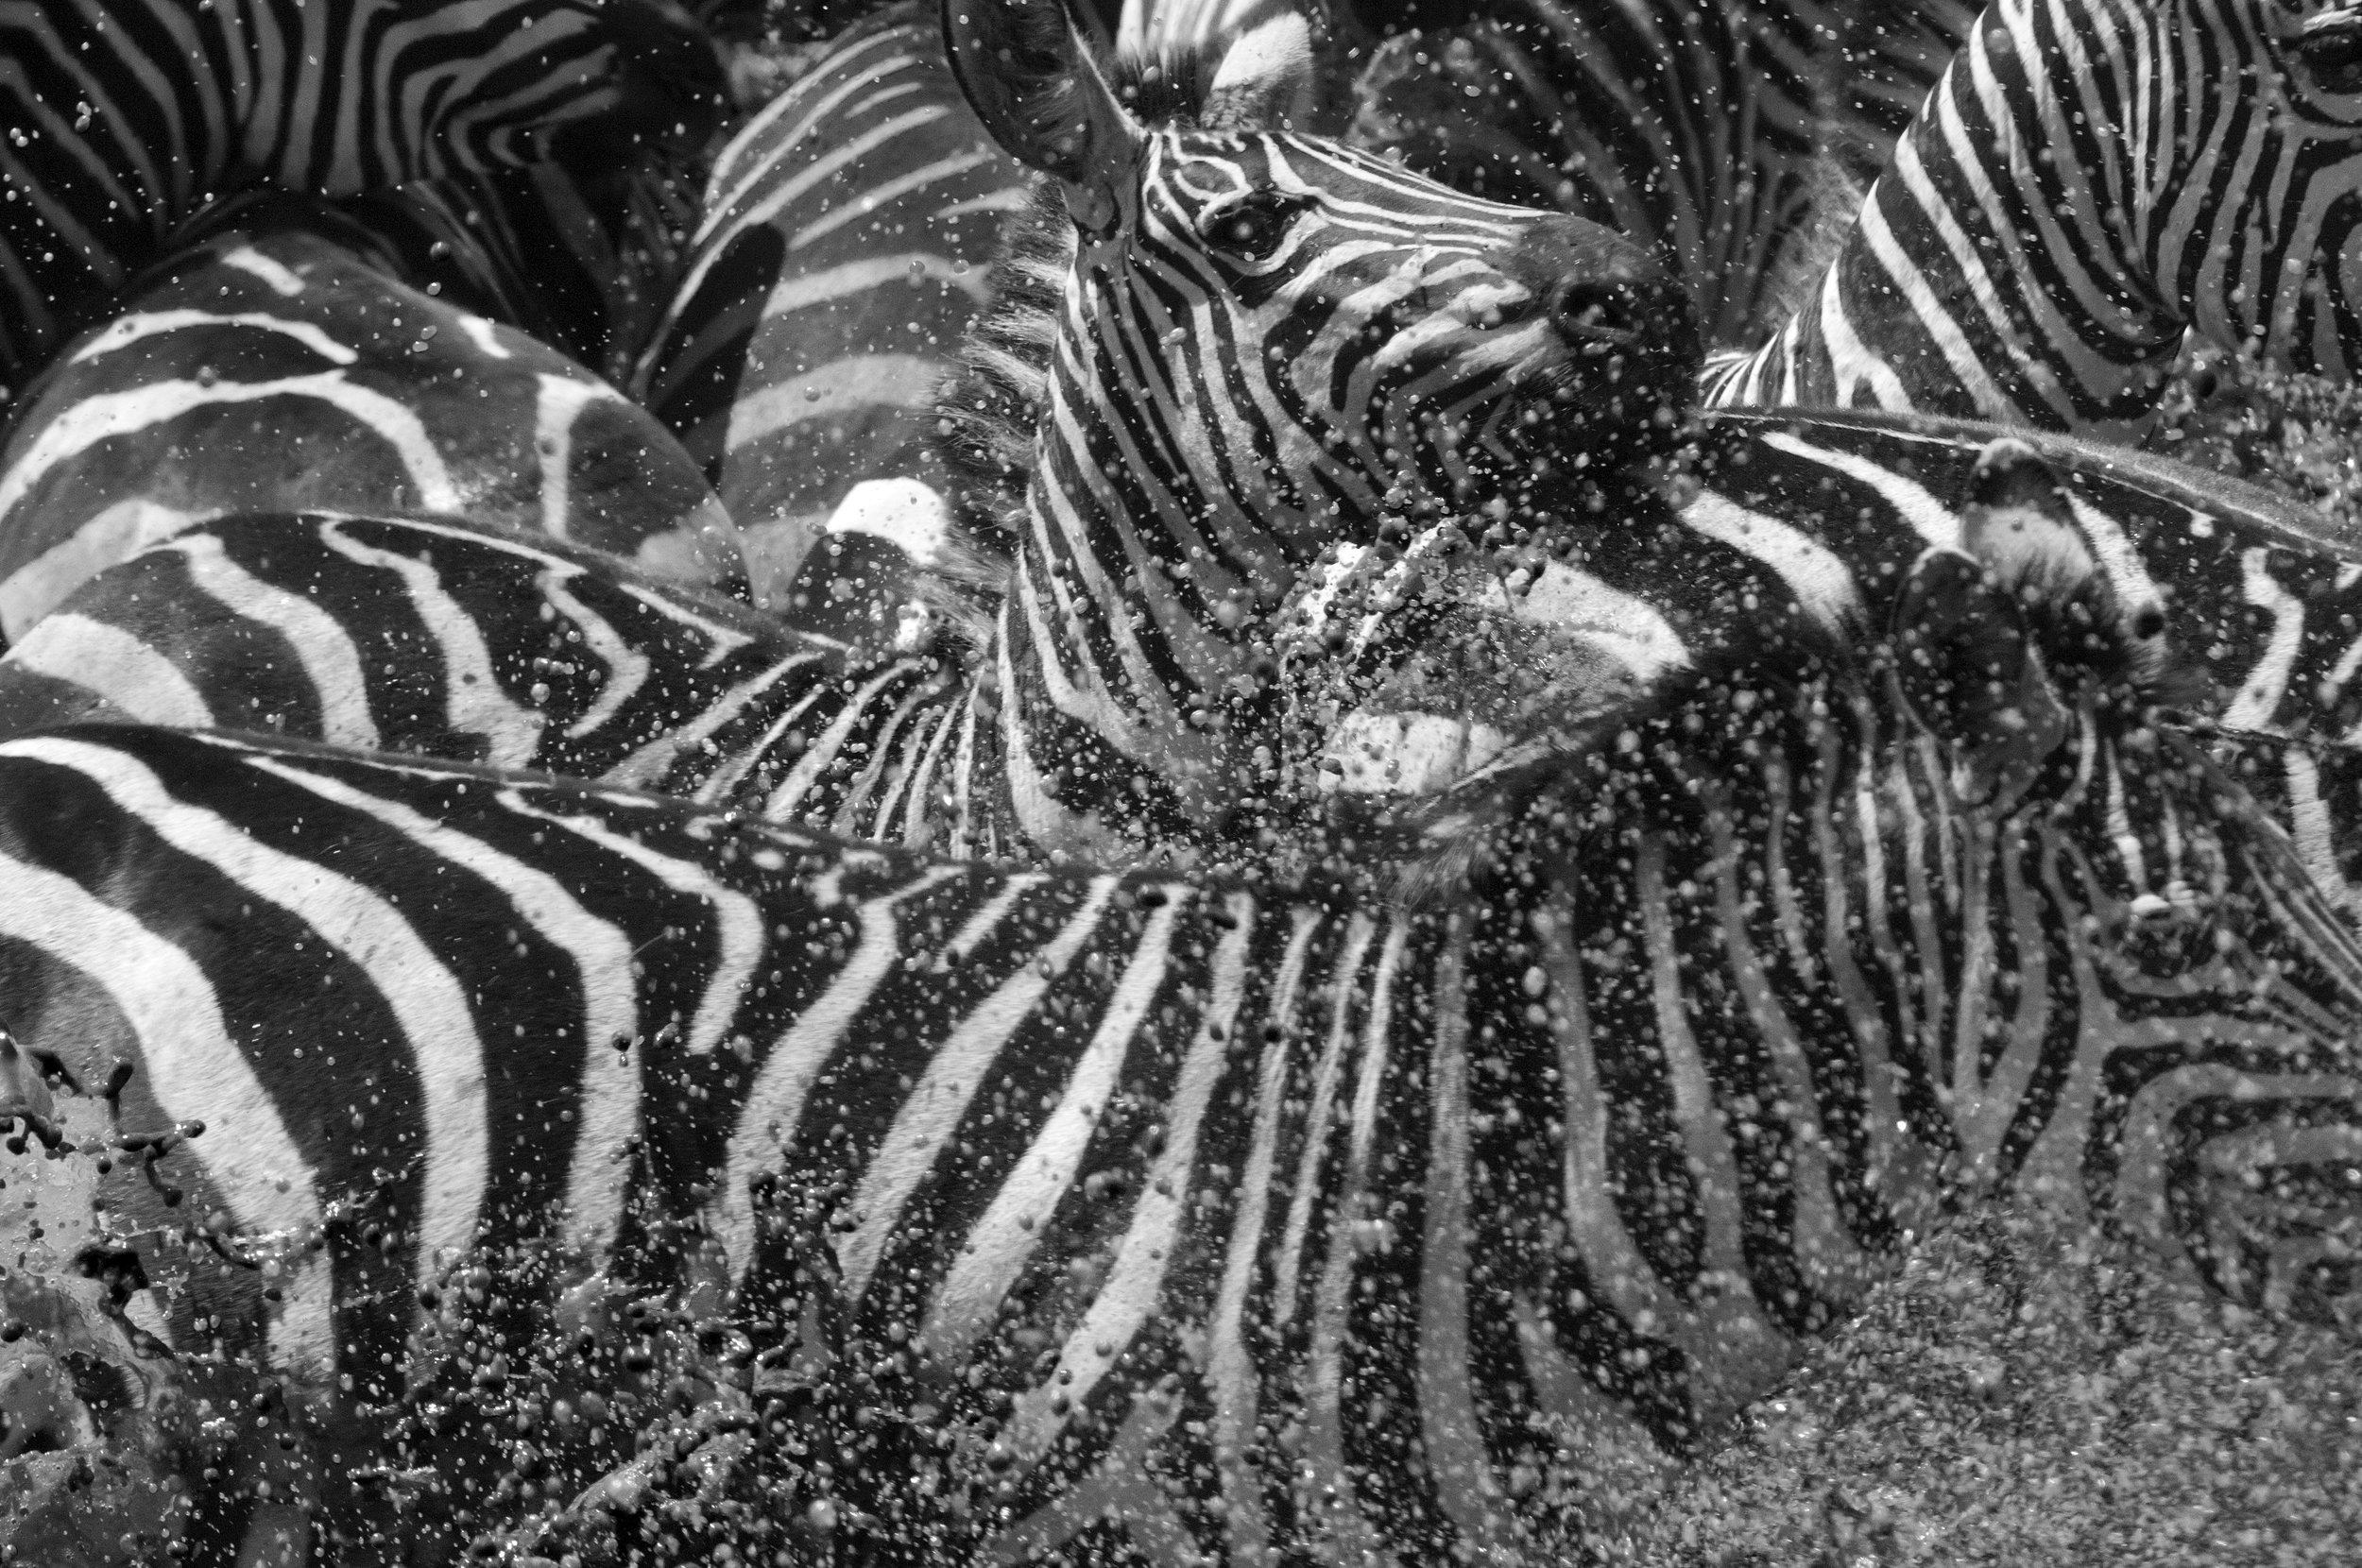 Zebra_b&W.jpg